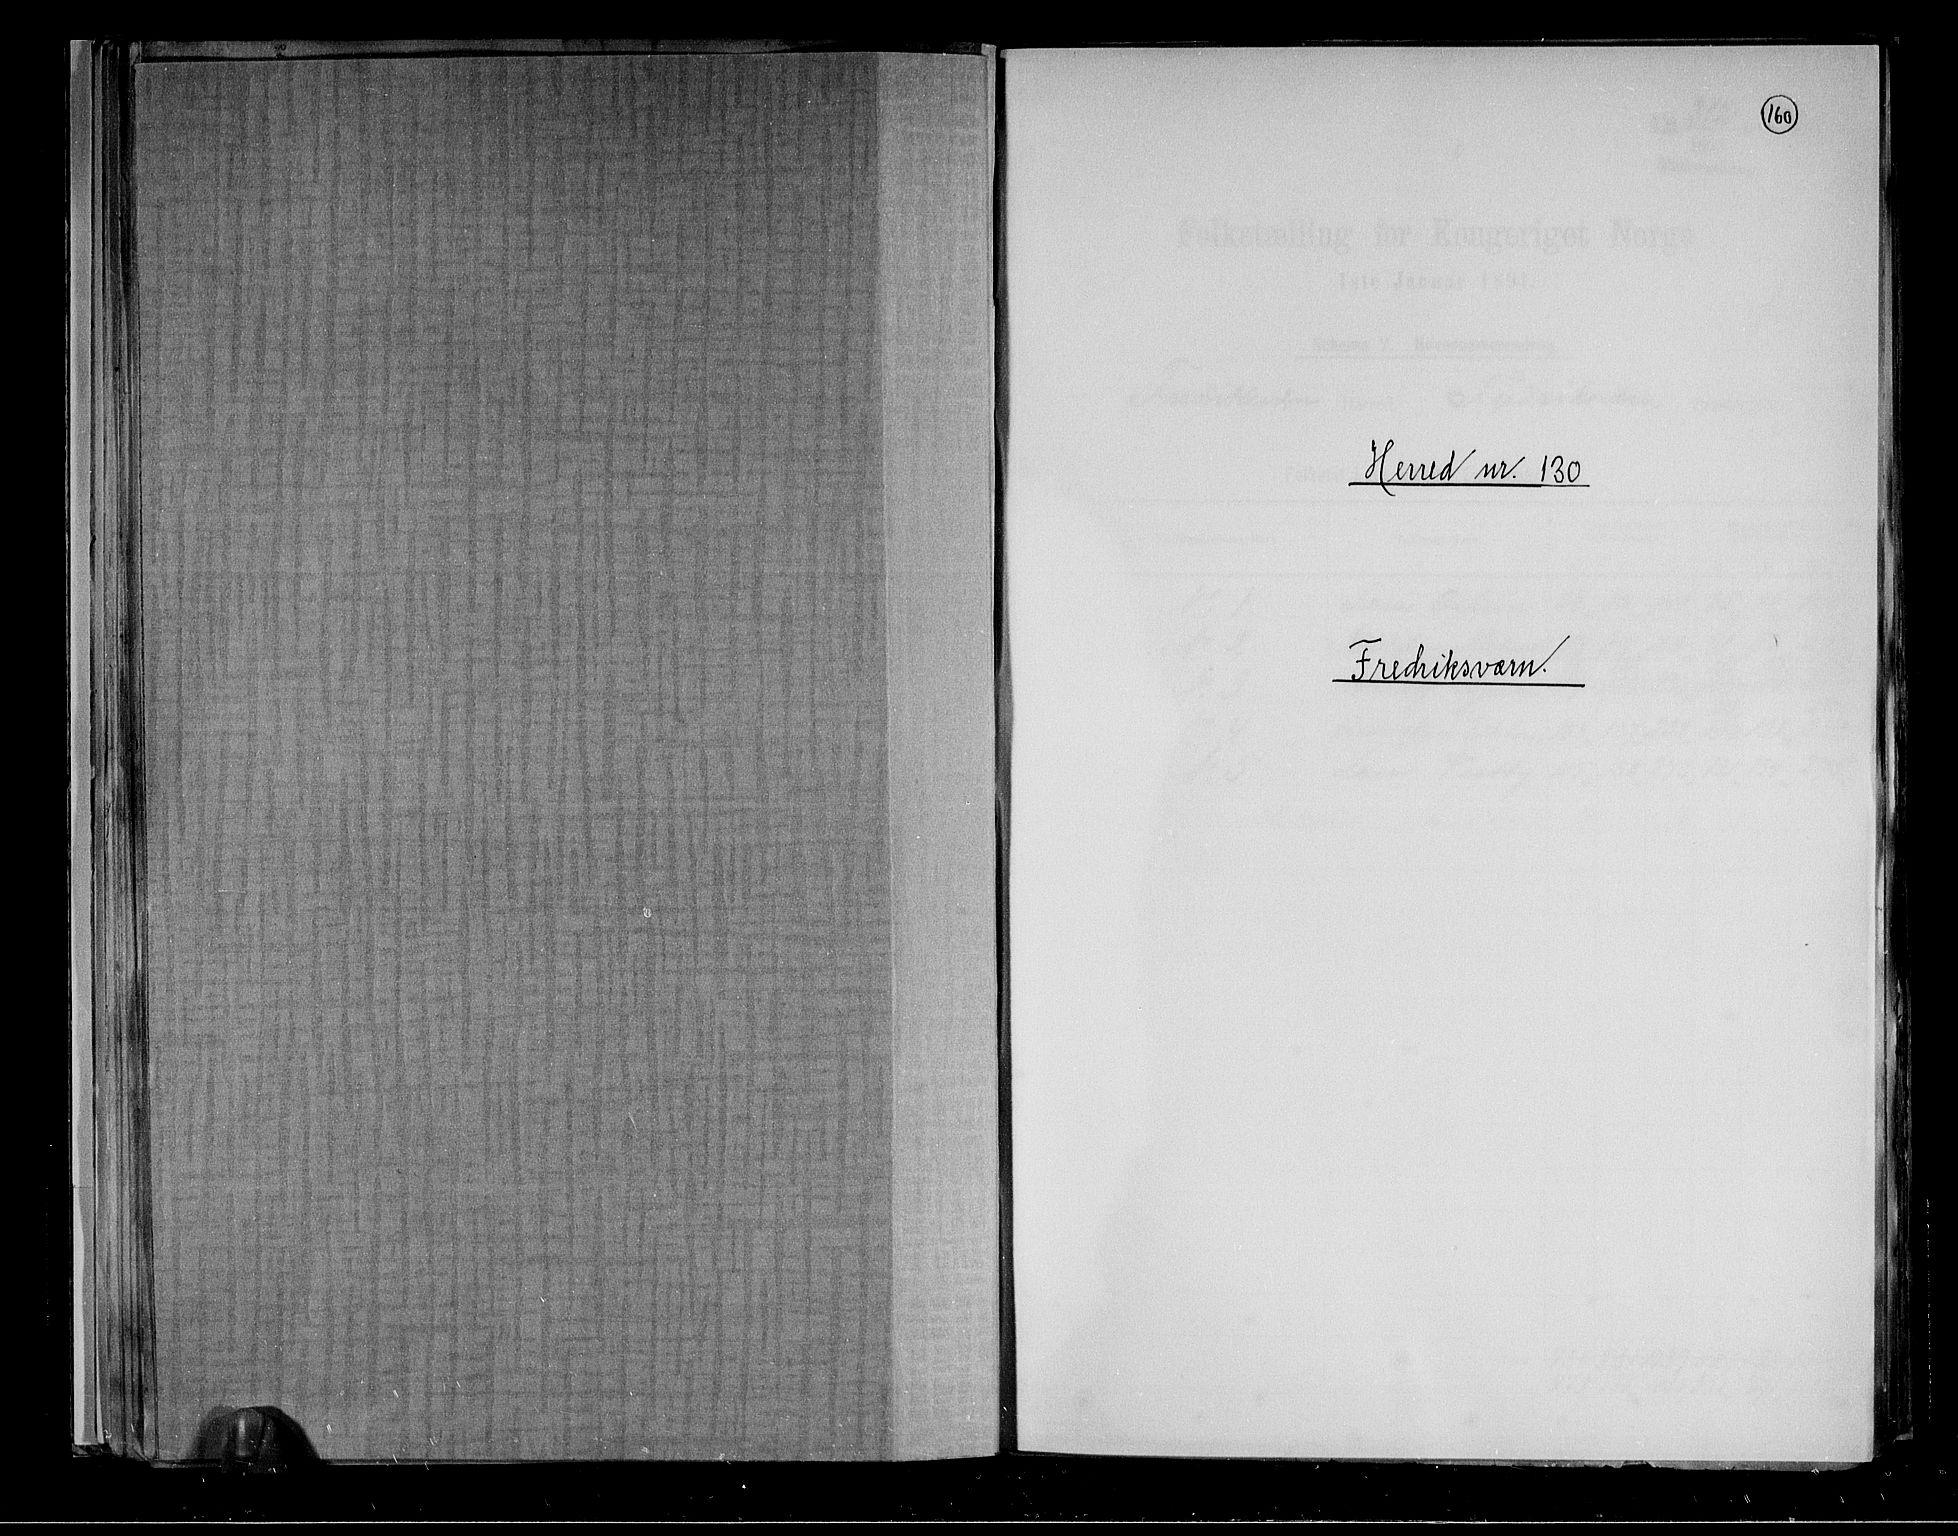 RA, Folketelling 1891 for 0798 Fredriksvern herred, 1891, s. 1